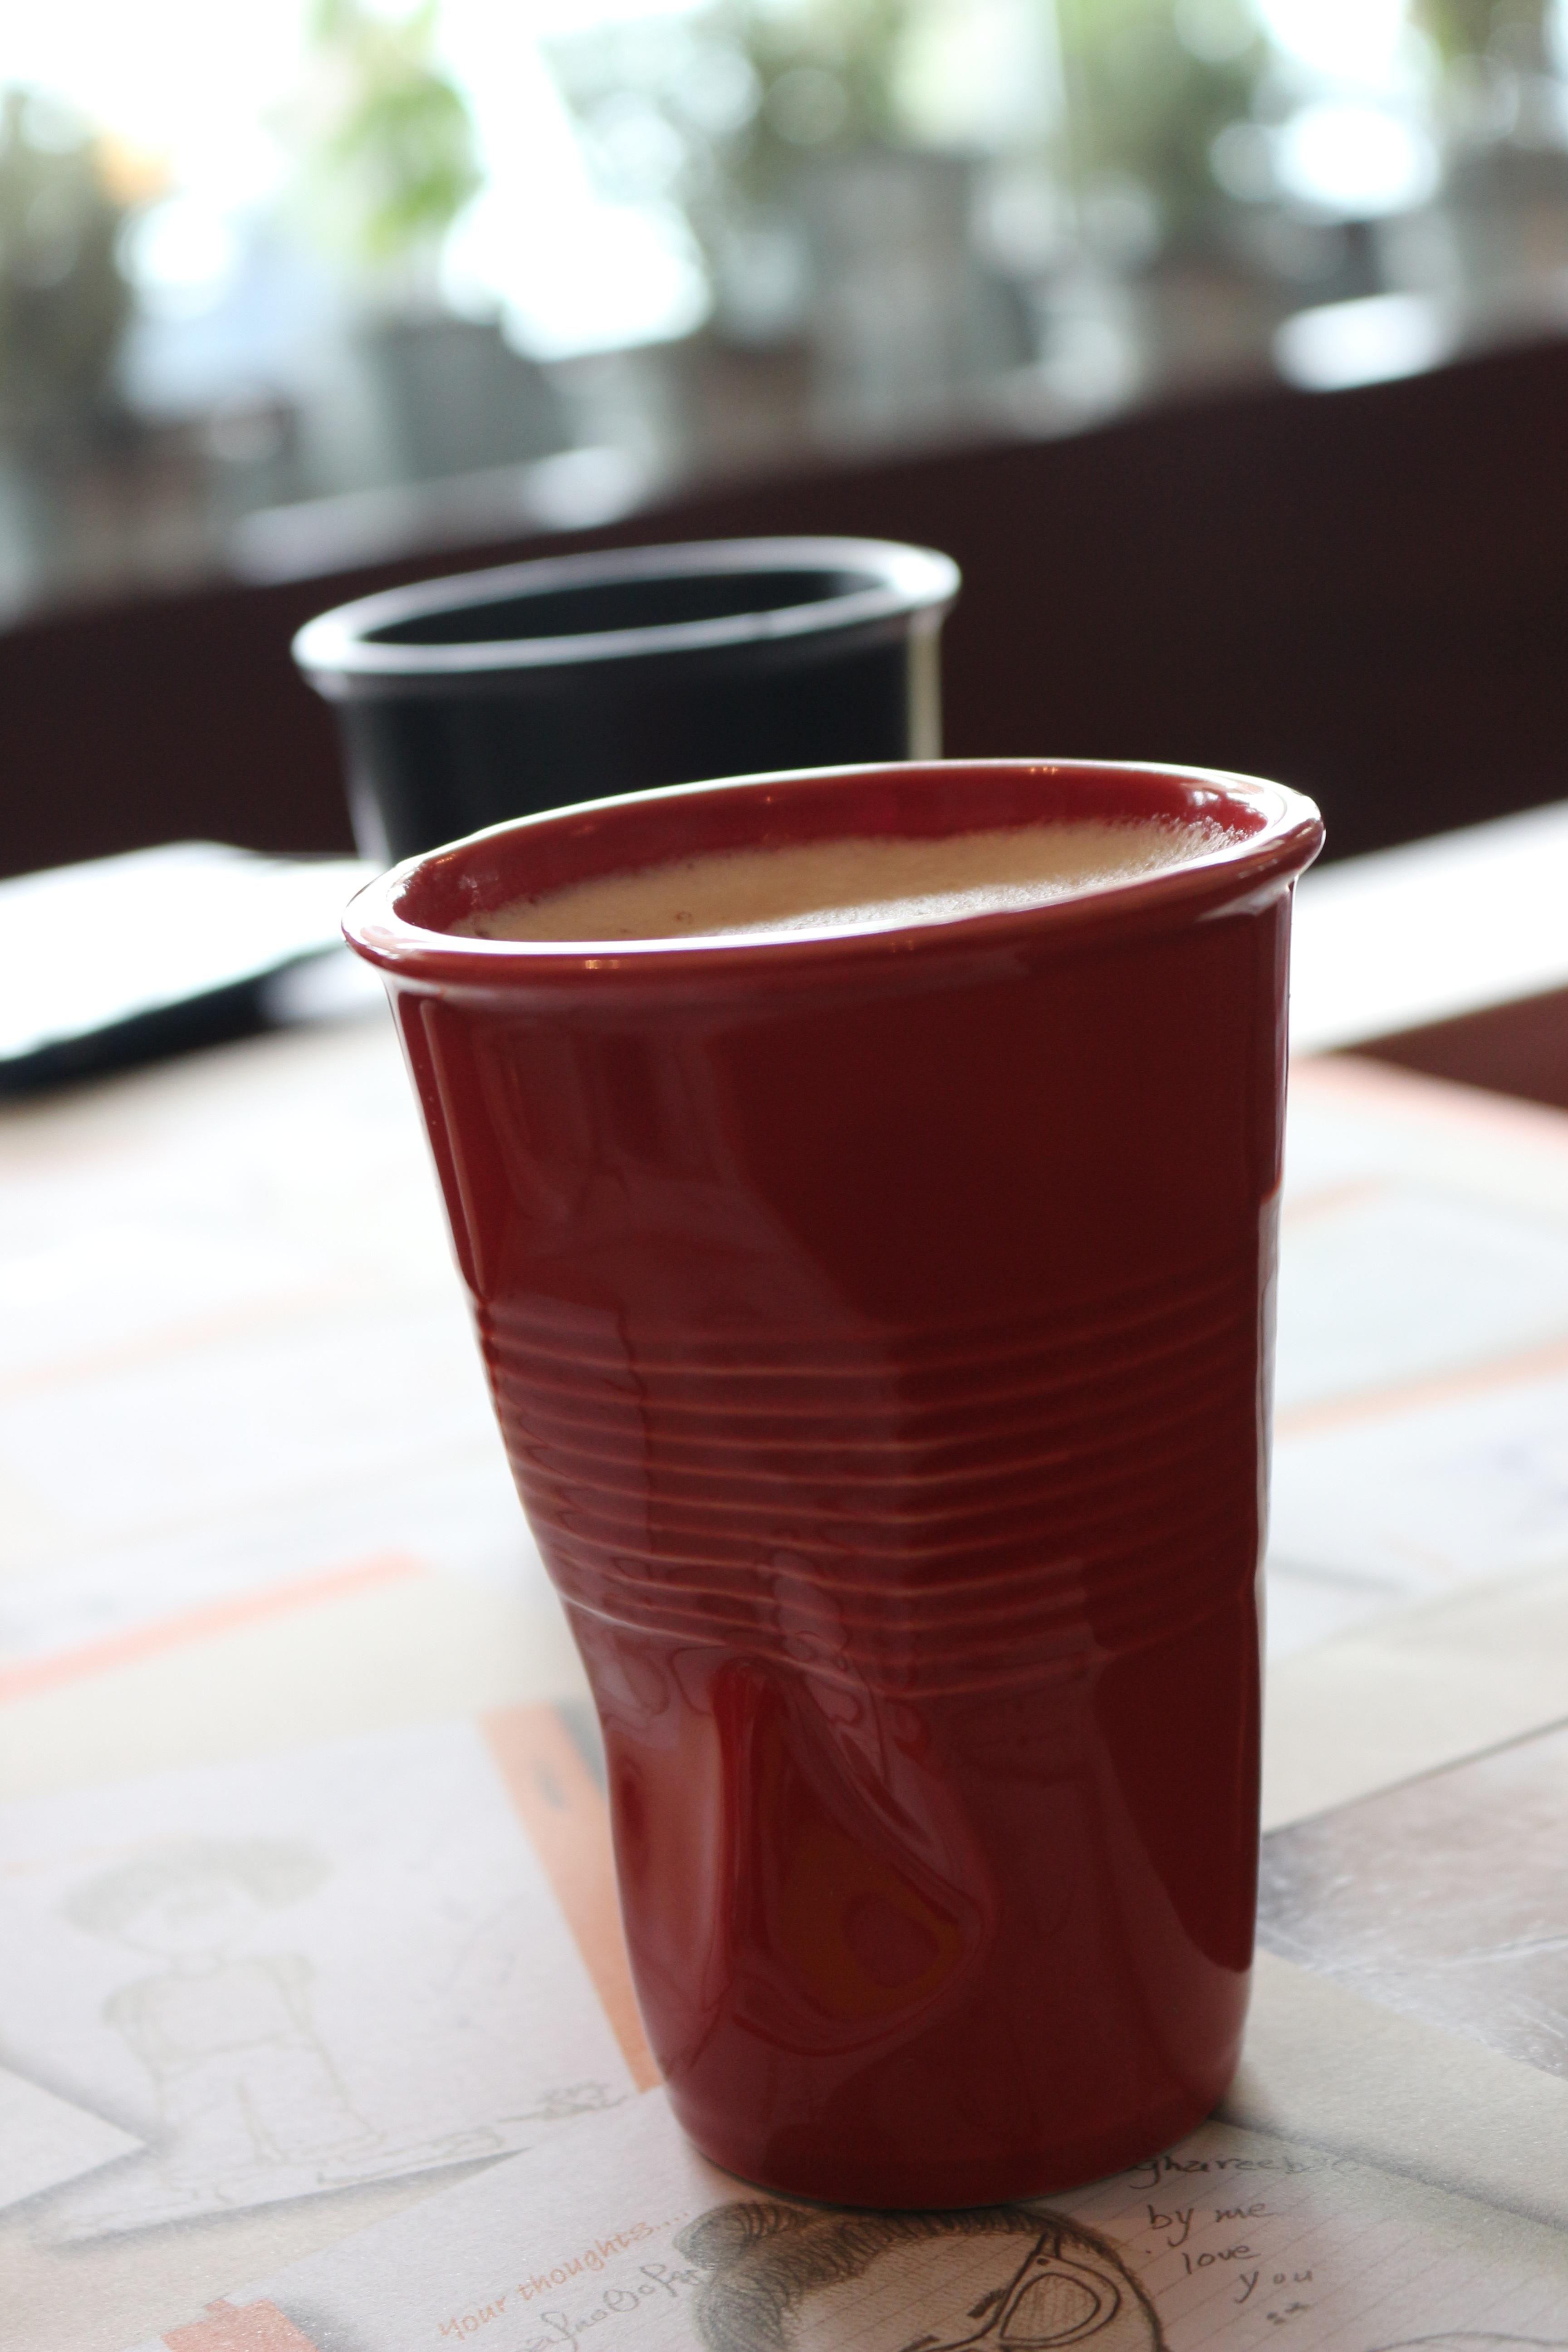 Fotos gratis : mesa, tenedor, cafetería, blanco, vendimia, Retro ...